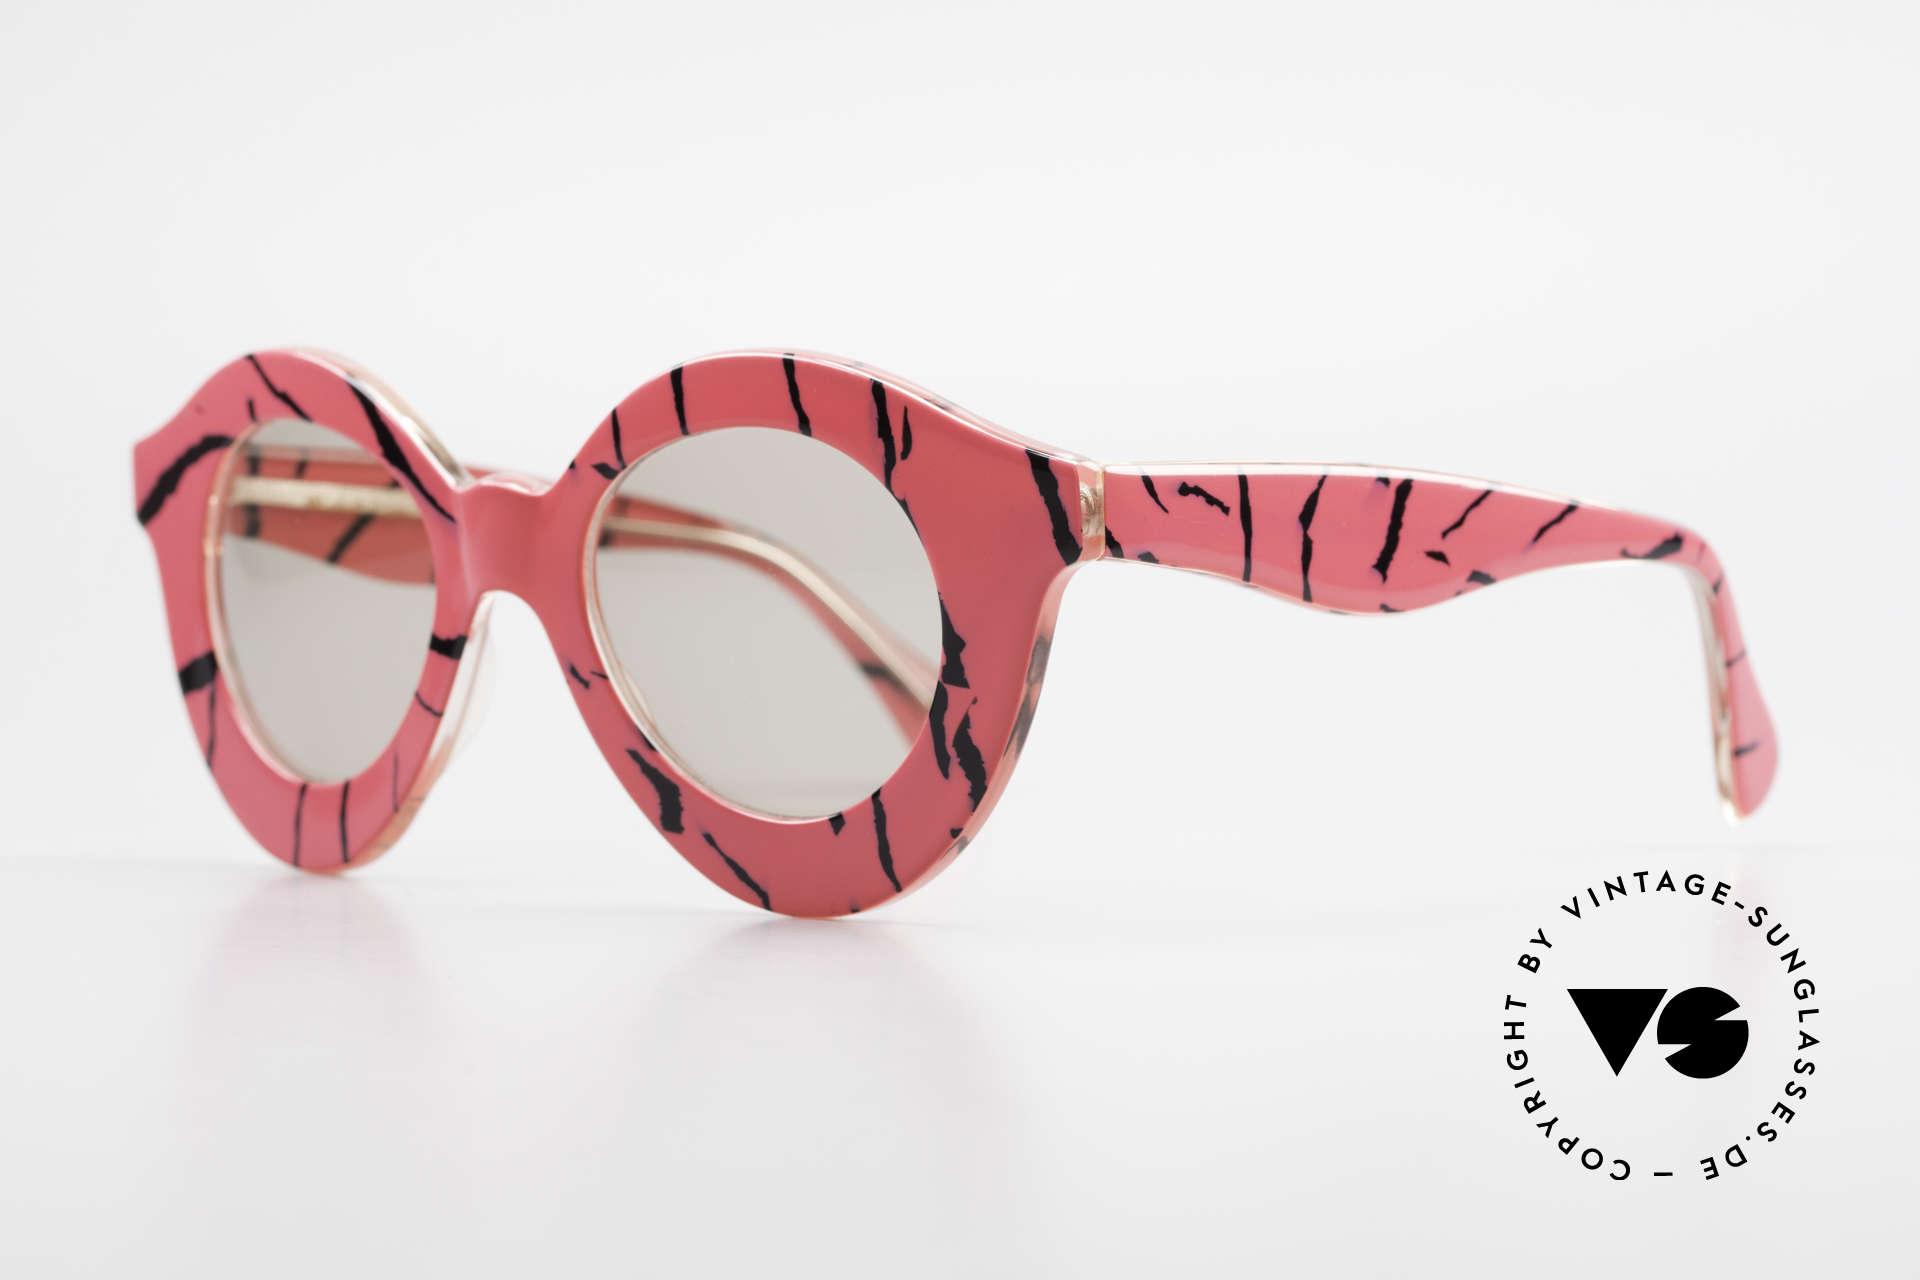 Michèle Lamy - Rita True Connoisseur Sunglasses, handmade in the 1980's in Morez (Jura Region), Made for Women